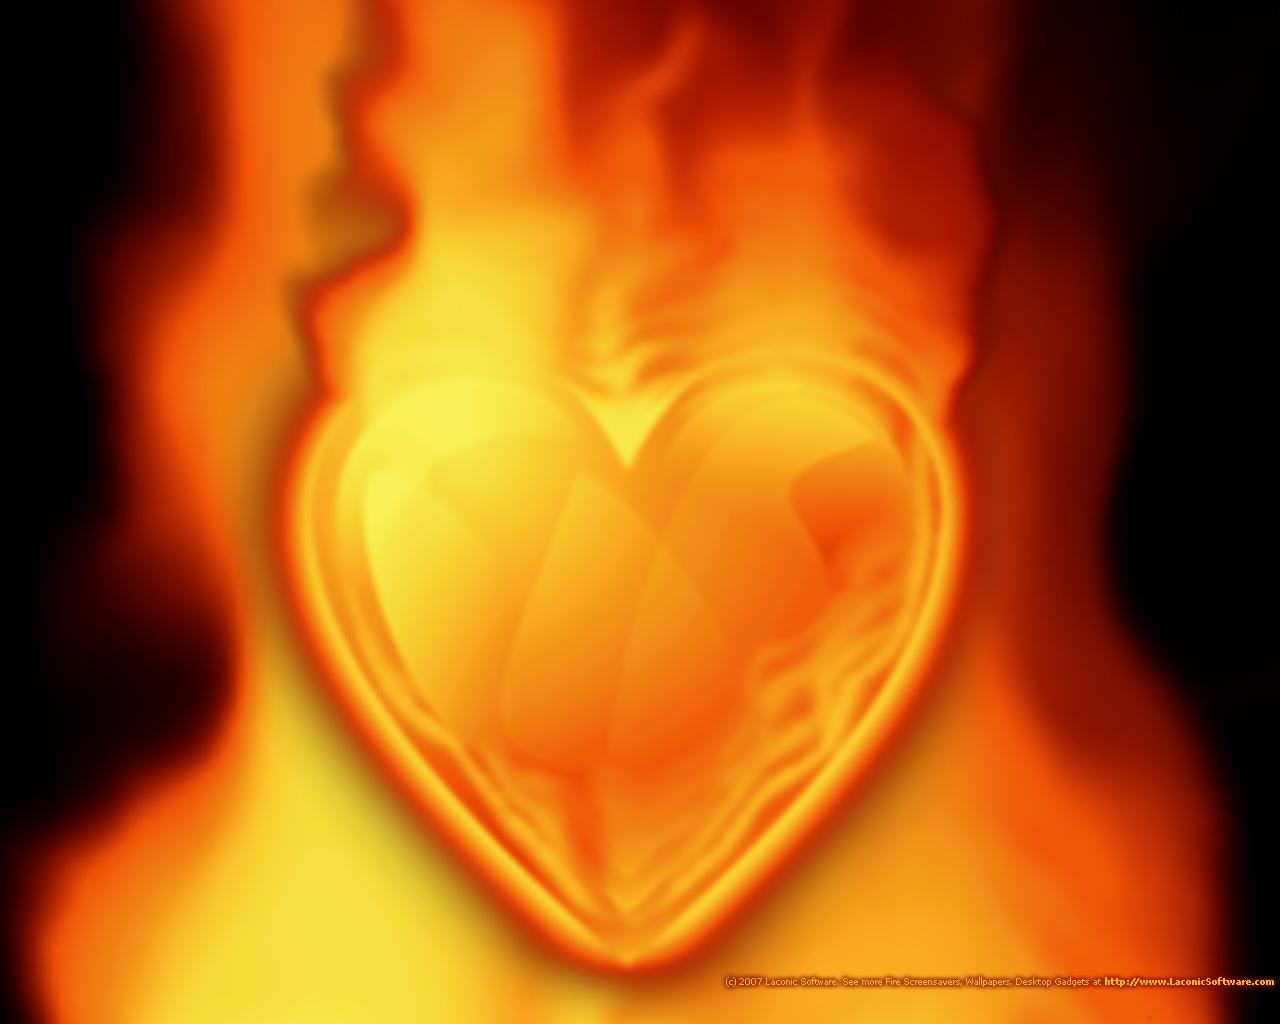 http://2.bp.blogspot.com/-E-7Ua4T9BxE/T9dLFPcSnNI/AAAAAAAAASg/DjczkOnyuZU/s1600/Free-Fire-Wallpapers-6.jpg